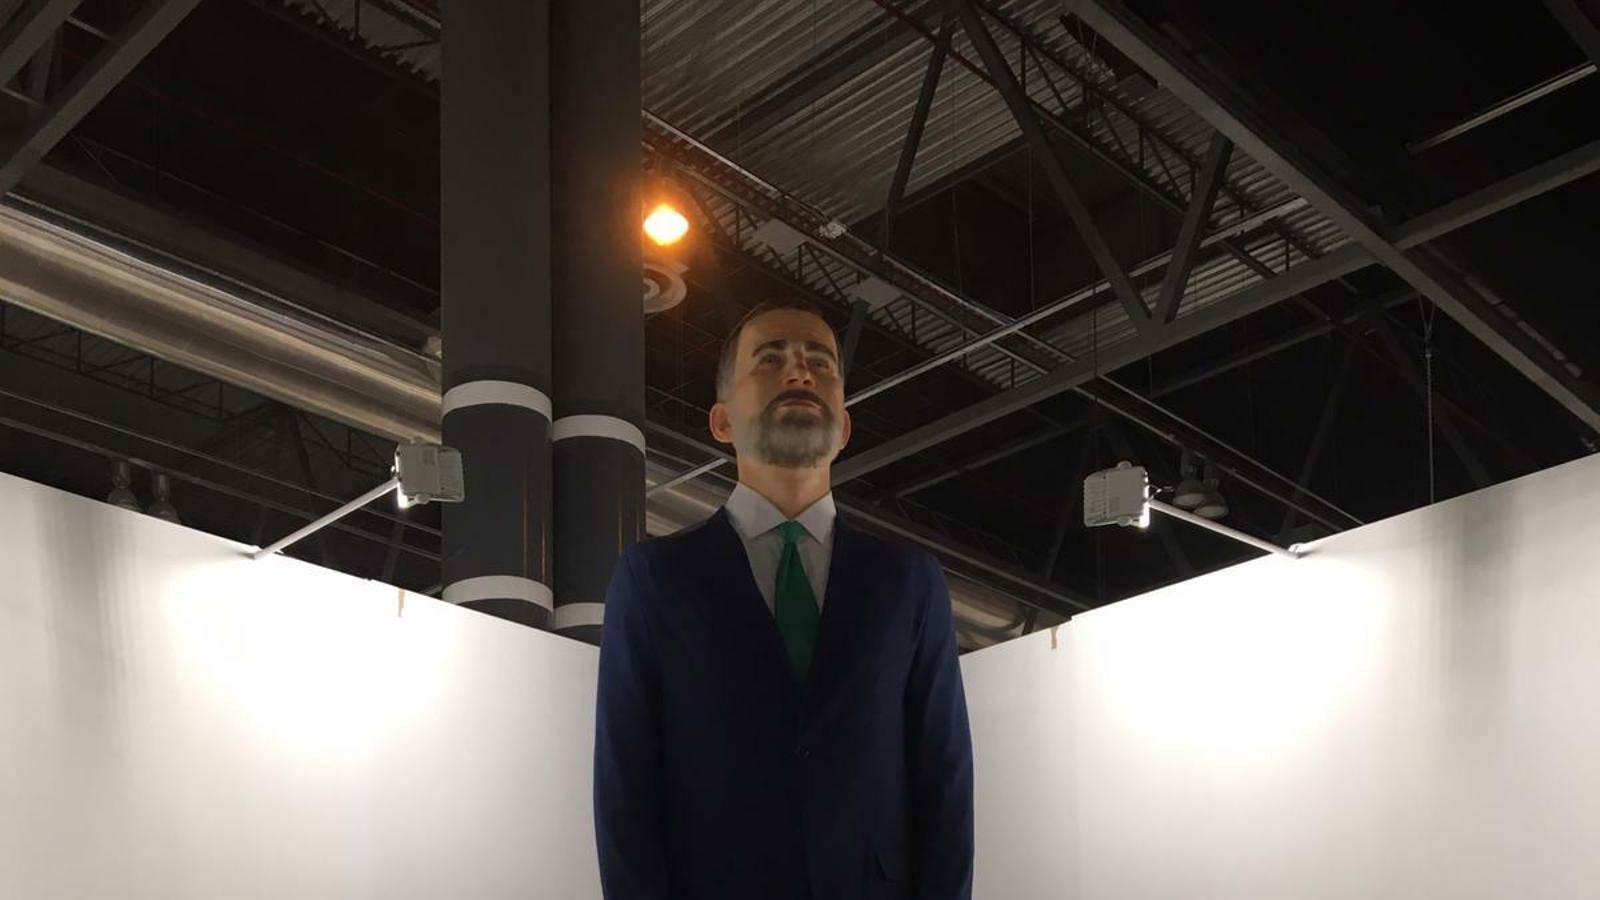 El rei Felip VI és un ninot gegant a punt per a la crema a Arco